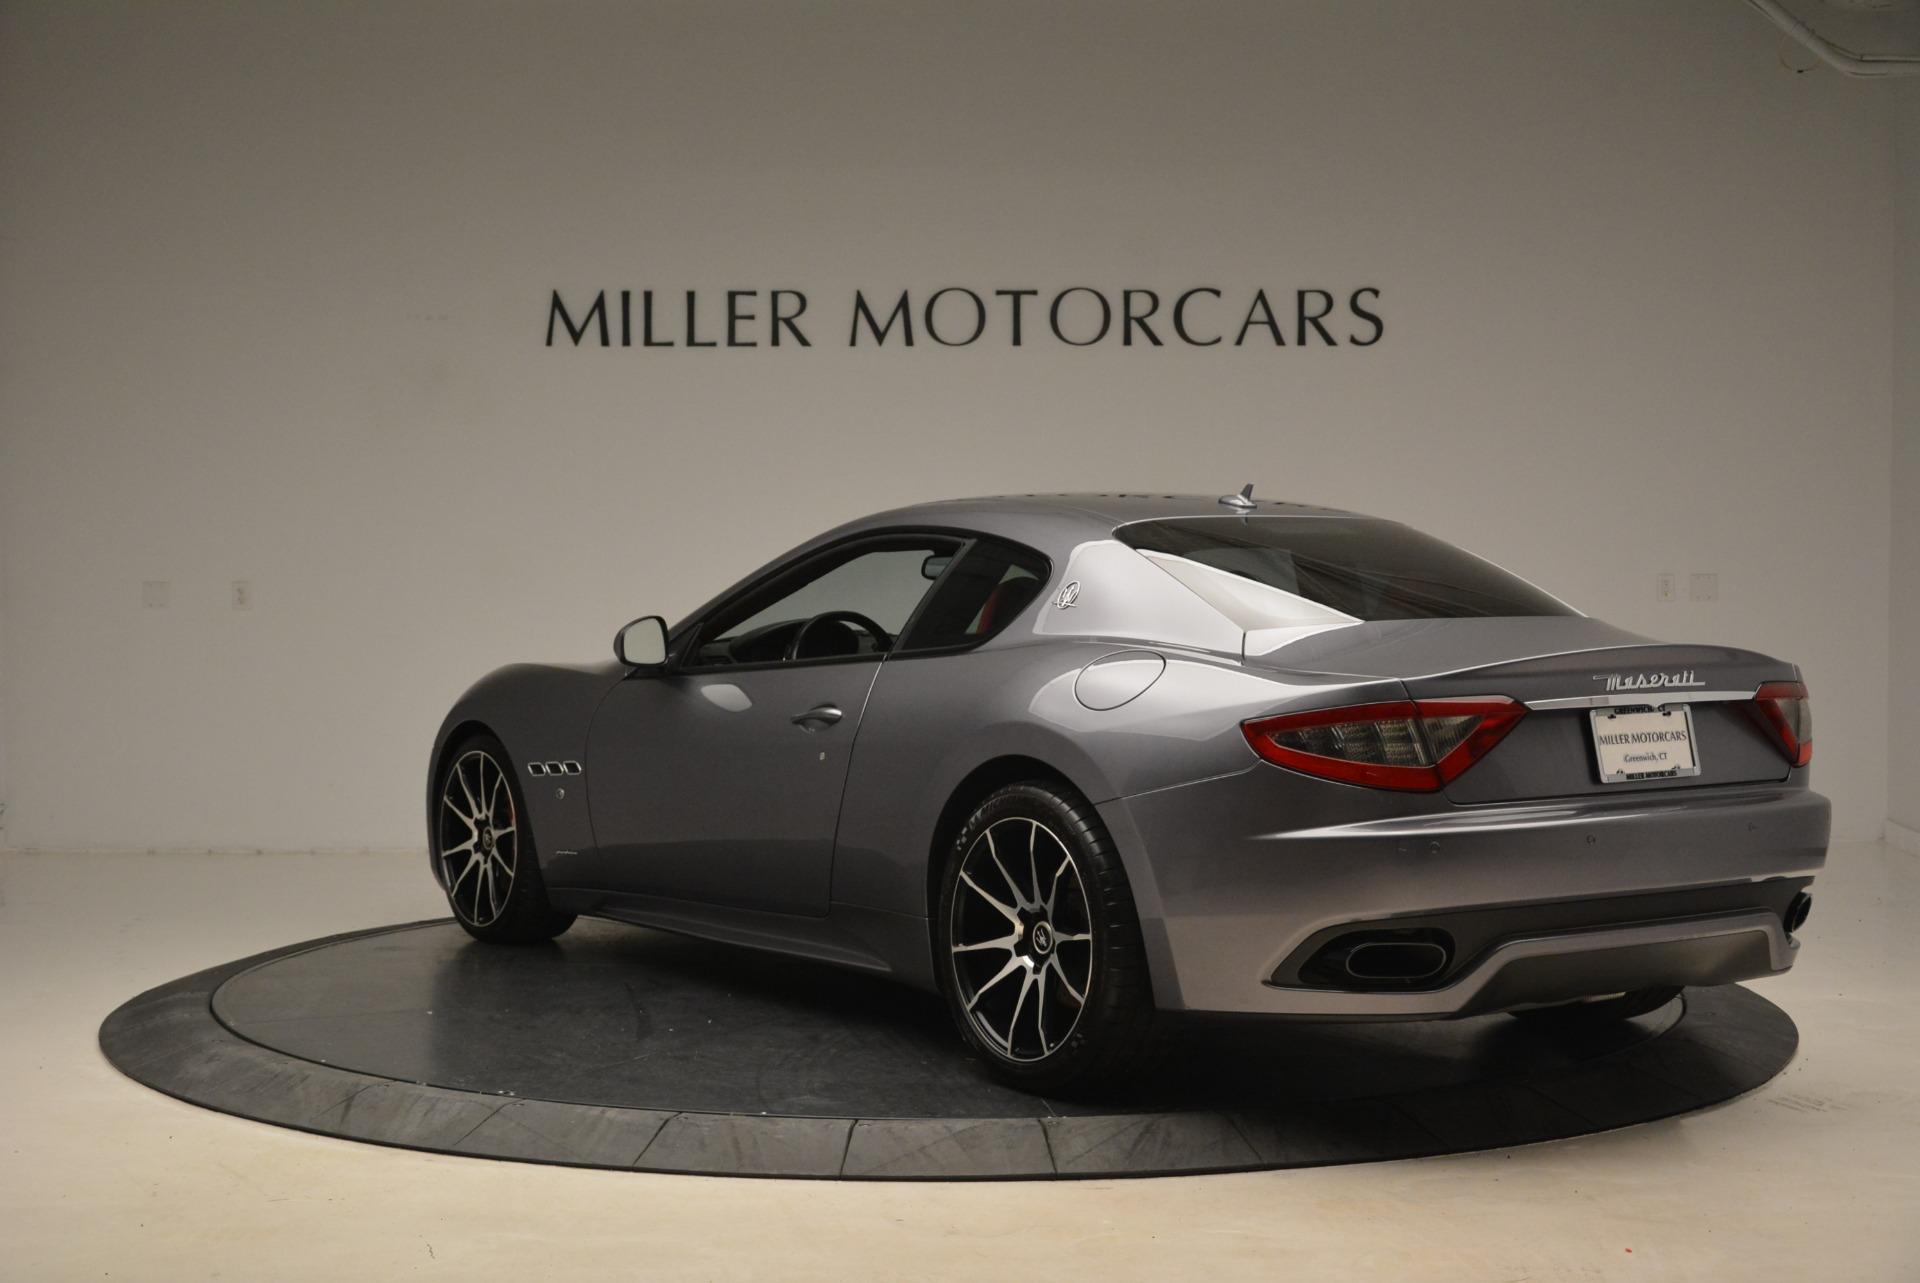 Used 2014 Maserati GranTurismo Sport For Sale In Westport, CT 2131_p3